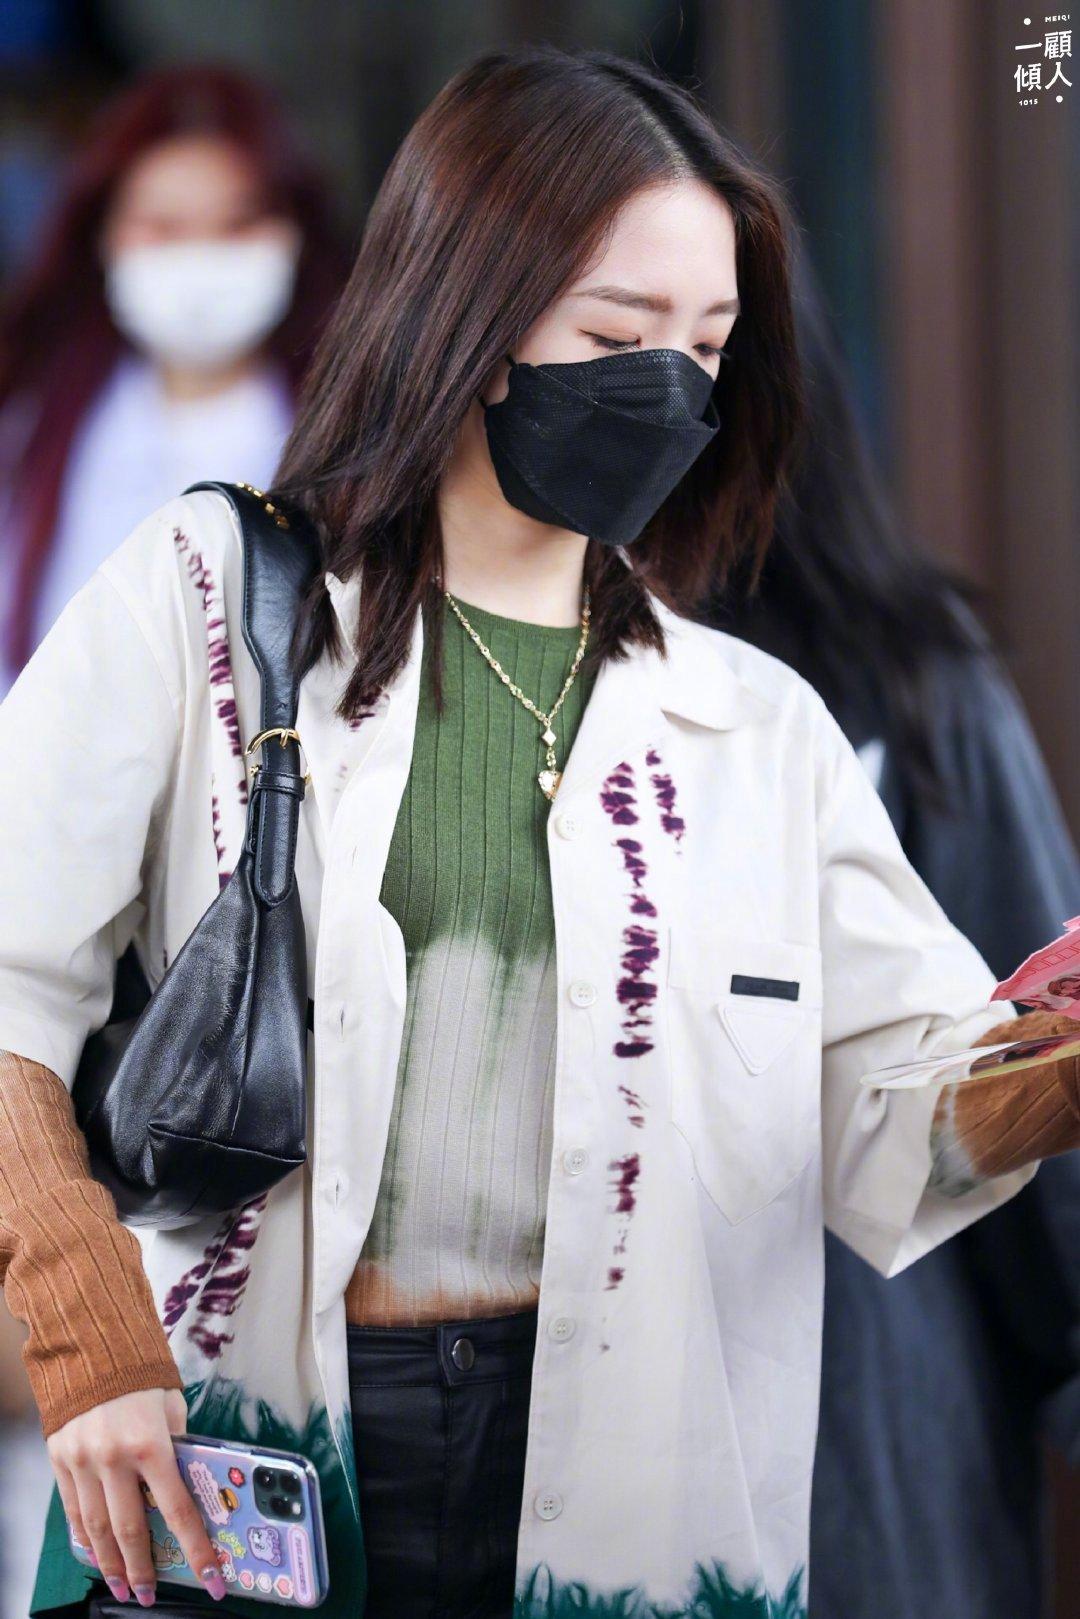 孟美岐|一则私服分享✨扎染棉府绸衬衫搭配黑色皮质手袋